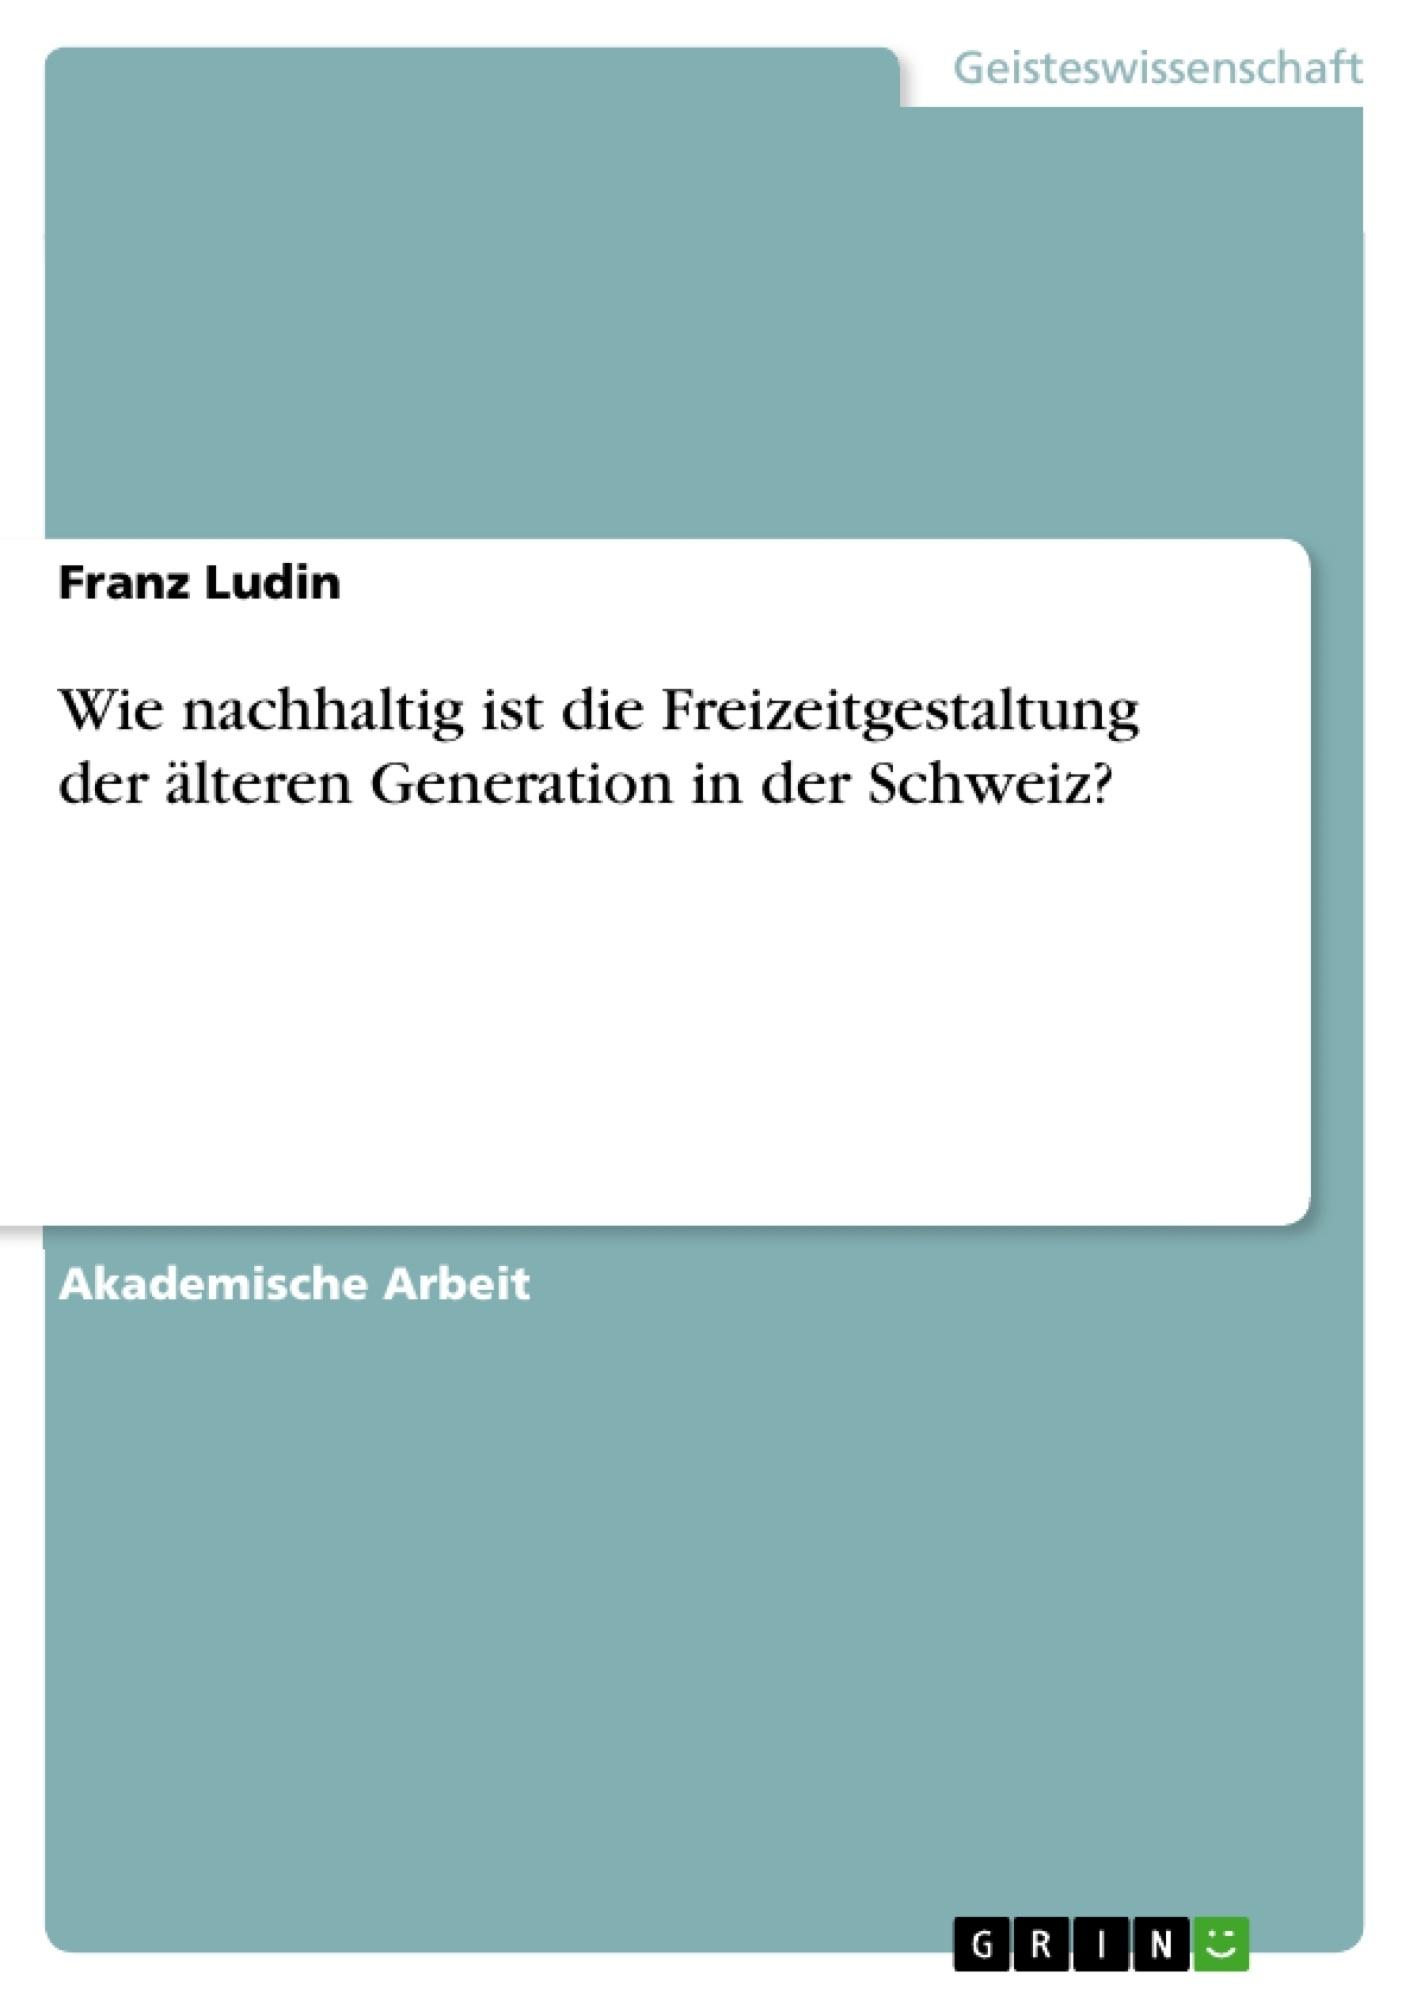 Titel: Wie nachhaltig ist die Freizeitgestaltung der älteren Generation in der Schweiz?